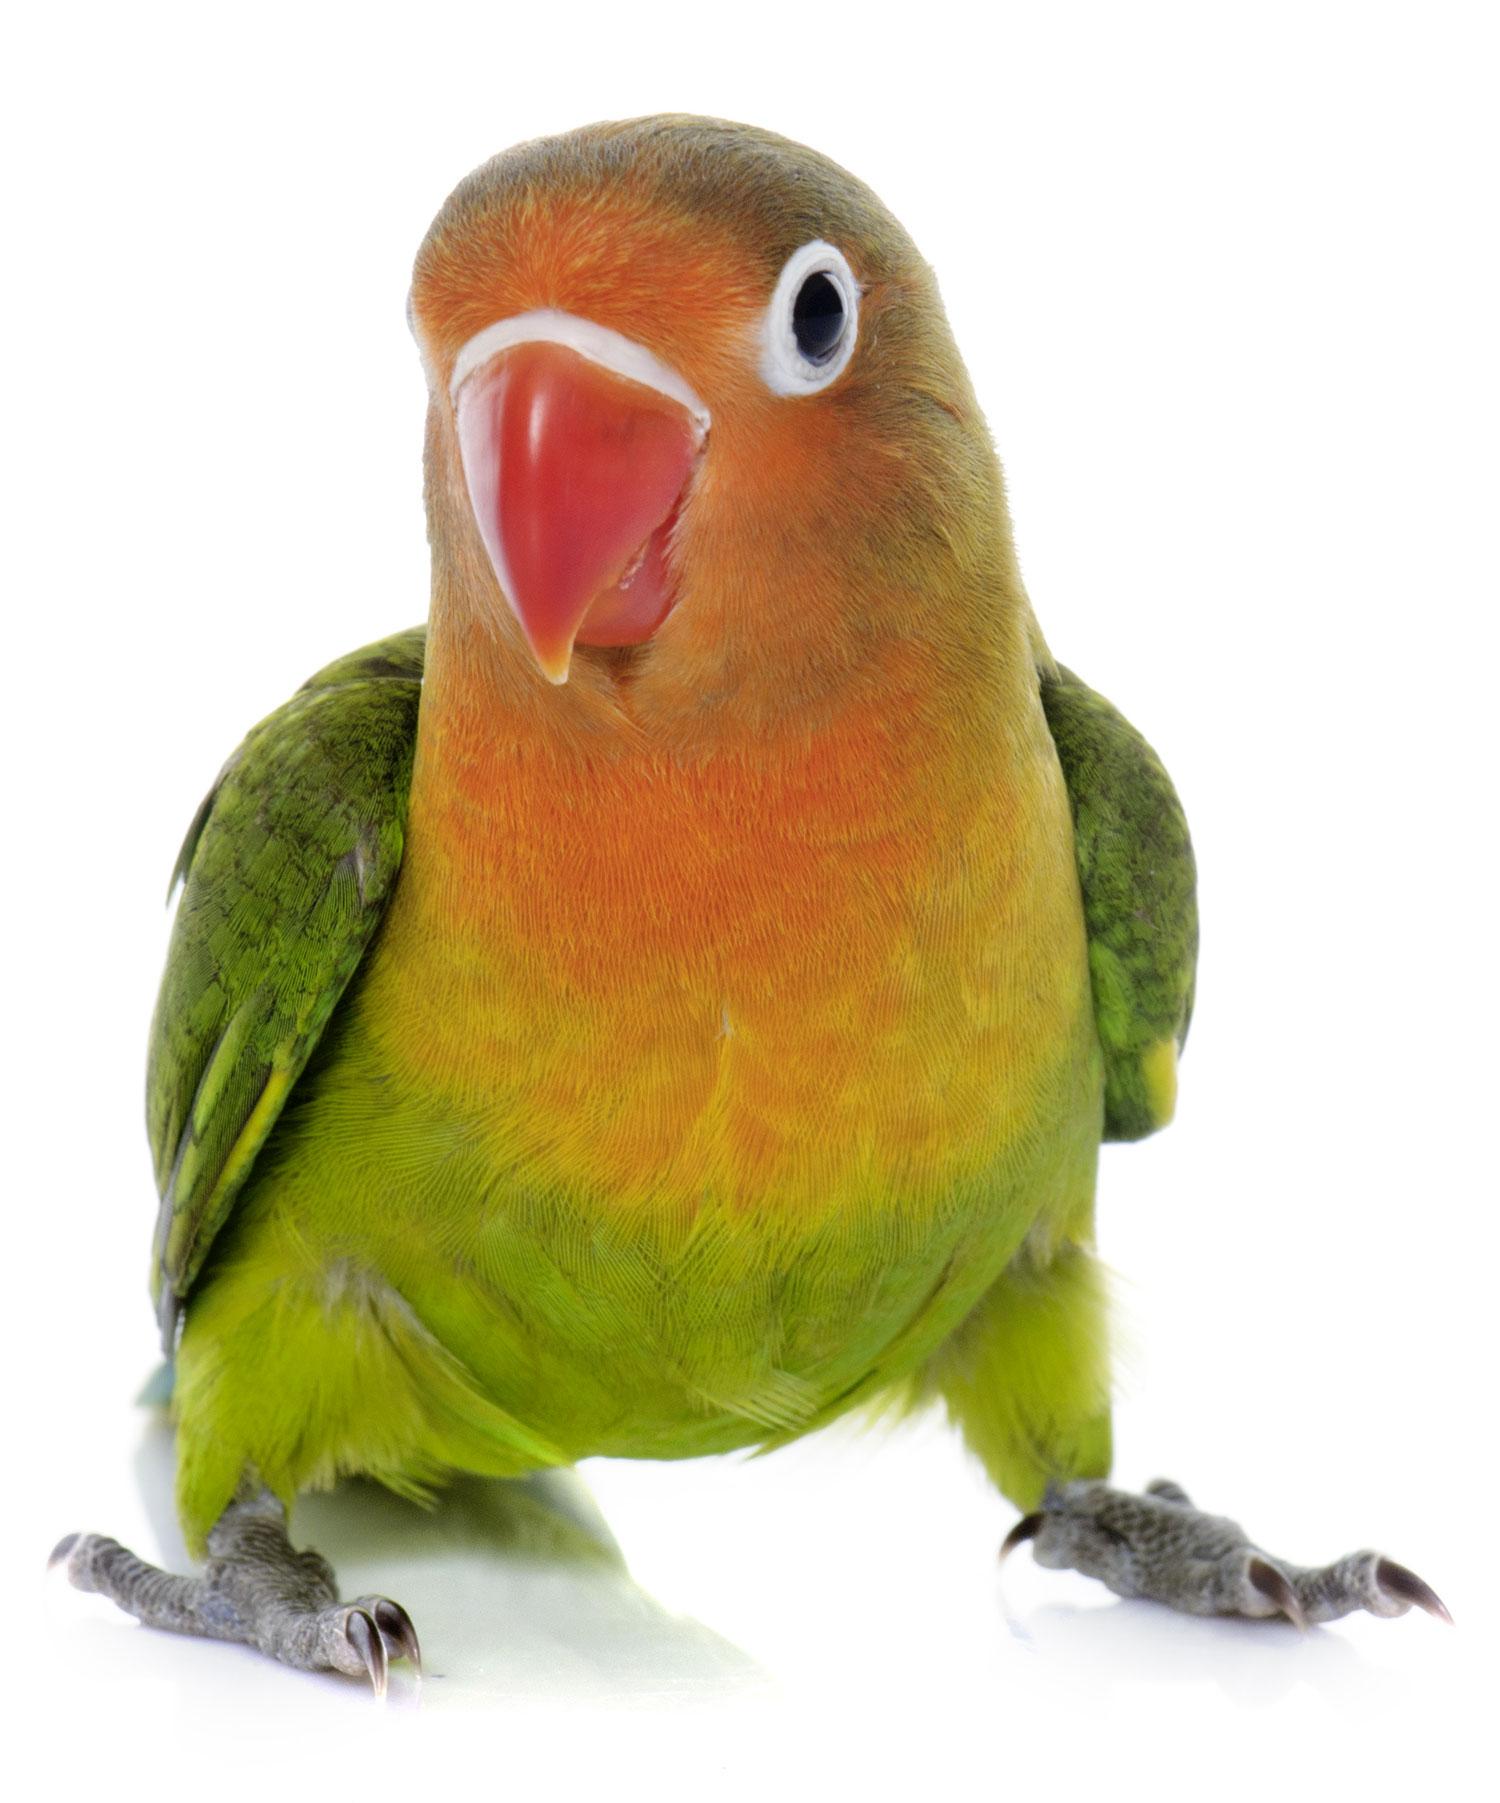 Come allevare i pappagalli Inseparabili | Guida Pagine Web